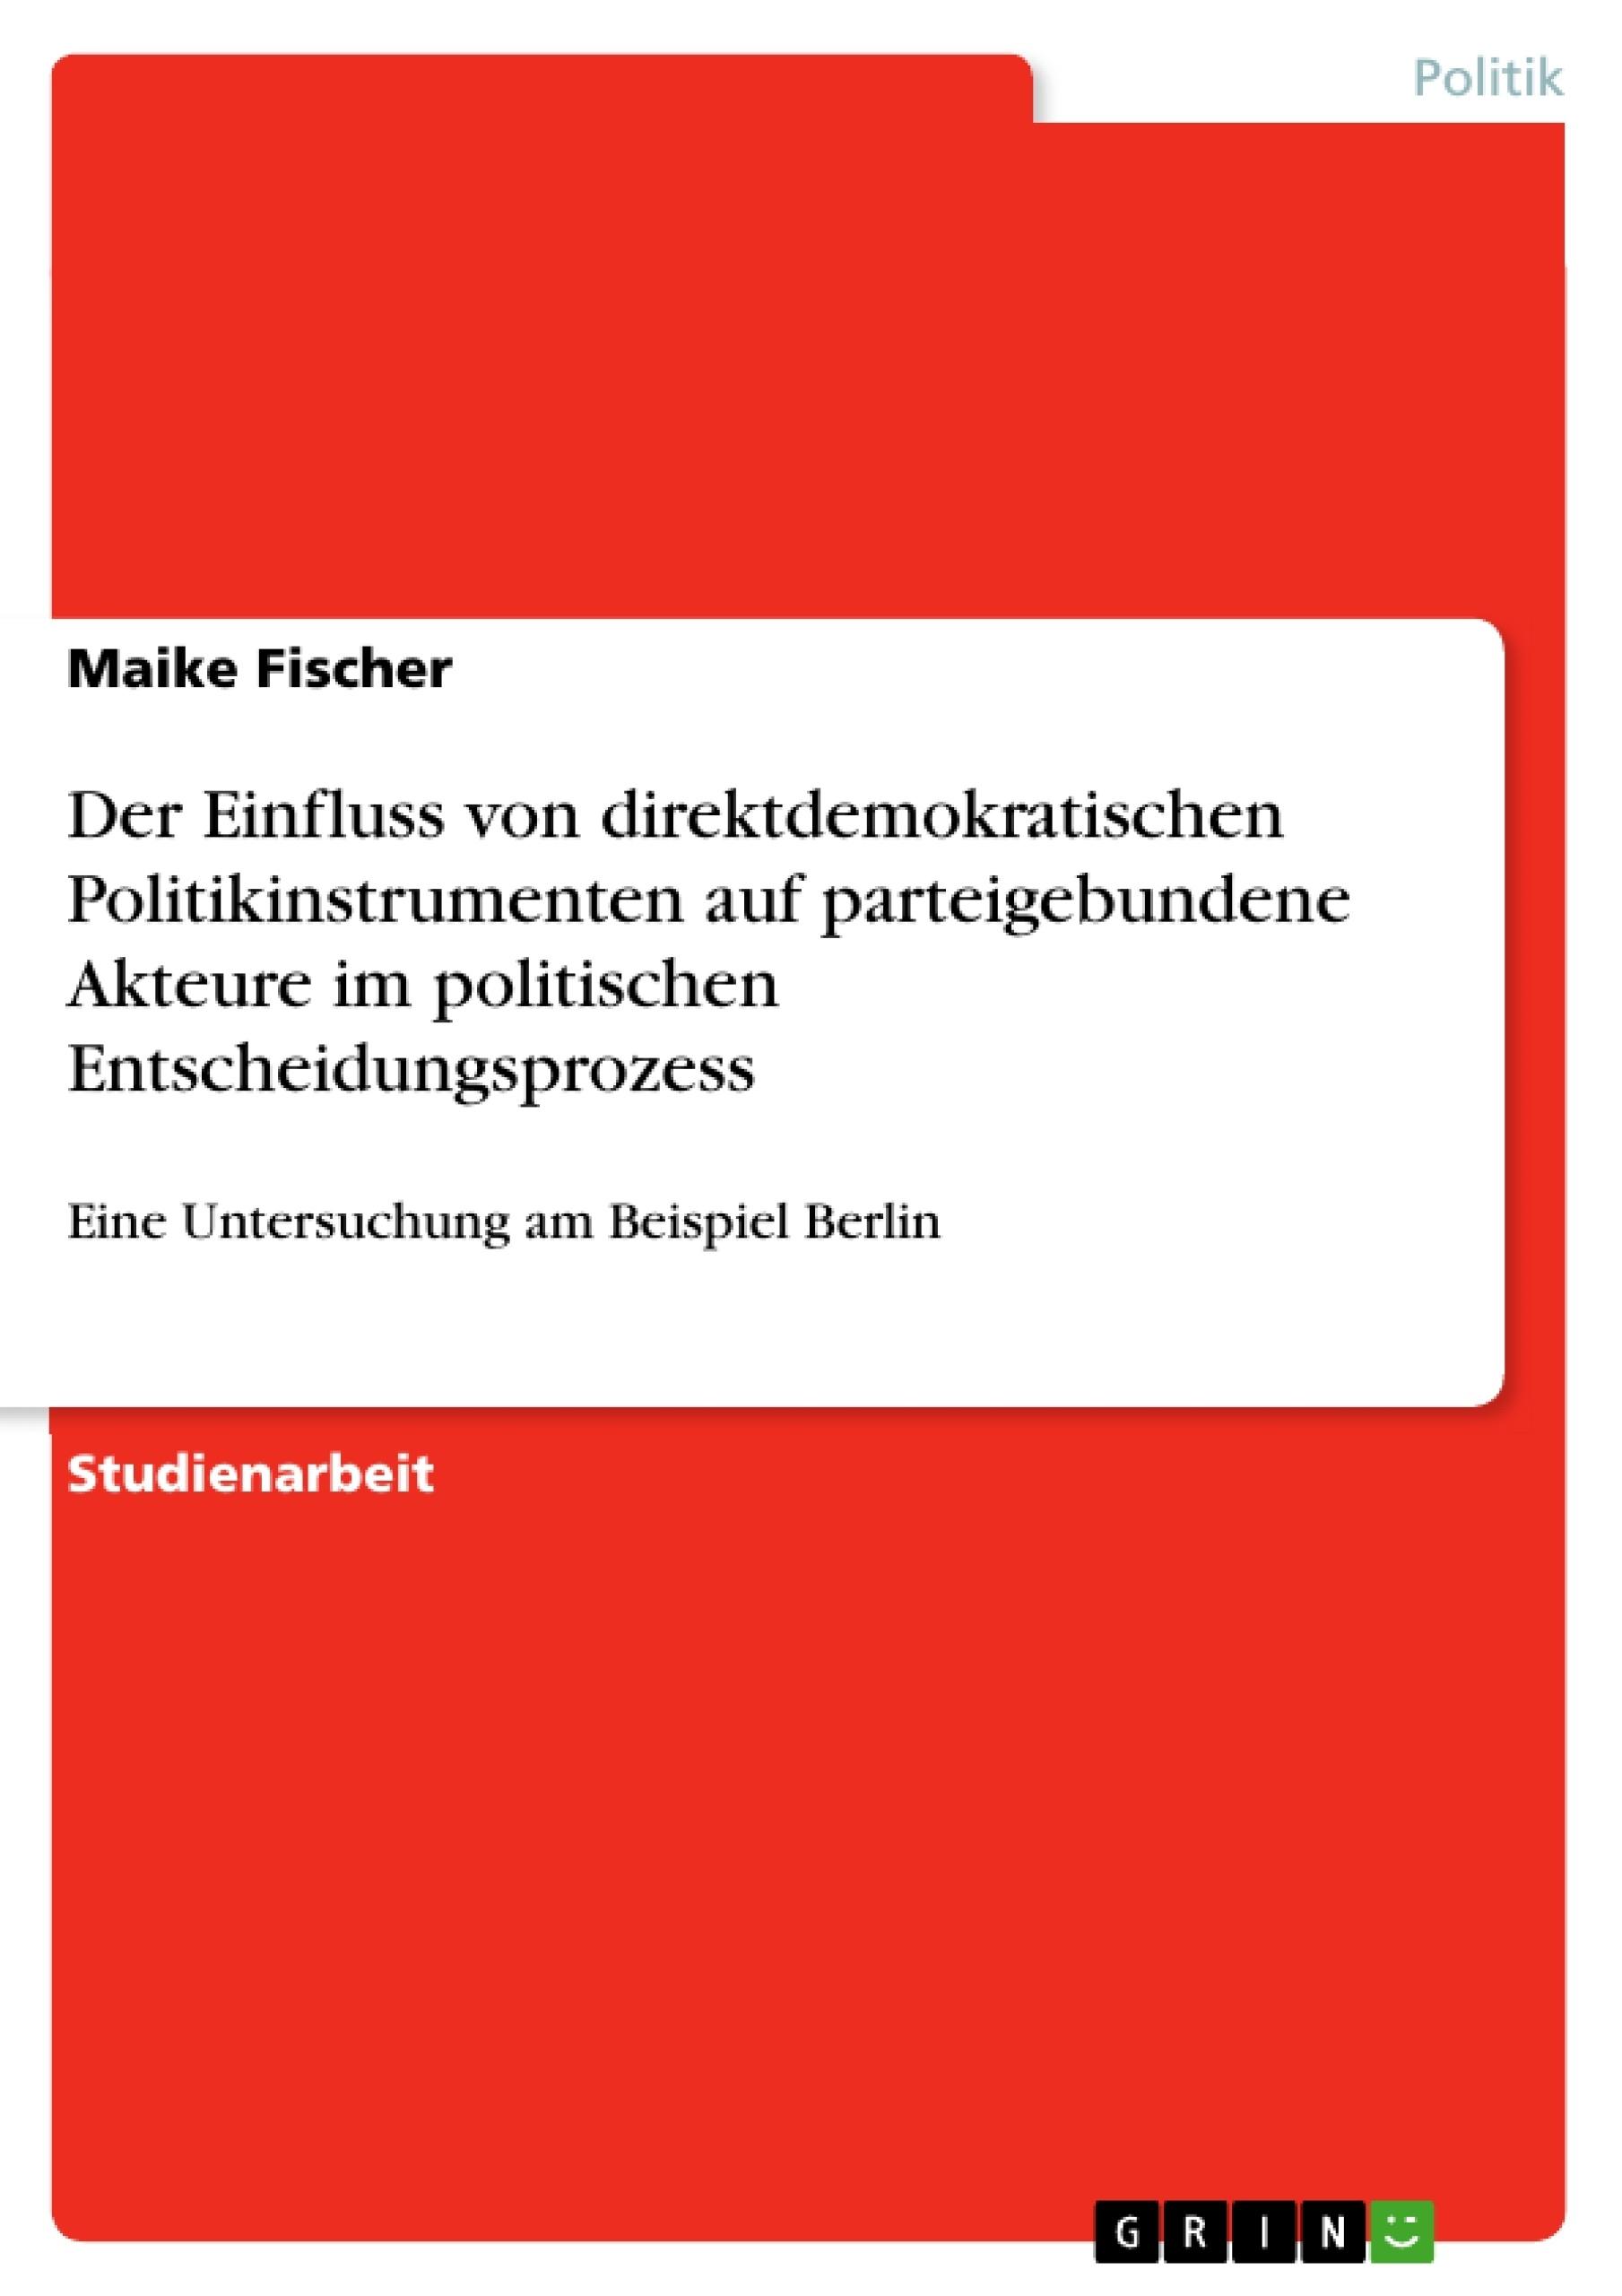 Titel: Der Einfluss von direktdemokratischen Politikinstrumenten auf parteigebundene Akteure im politischen Entscheidungsprozess